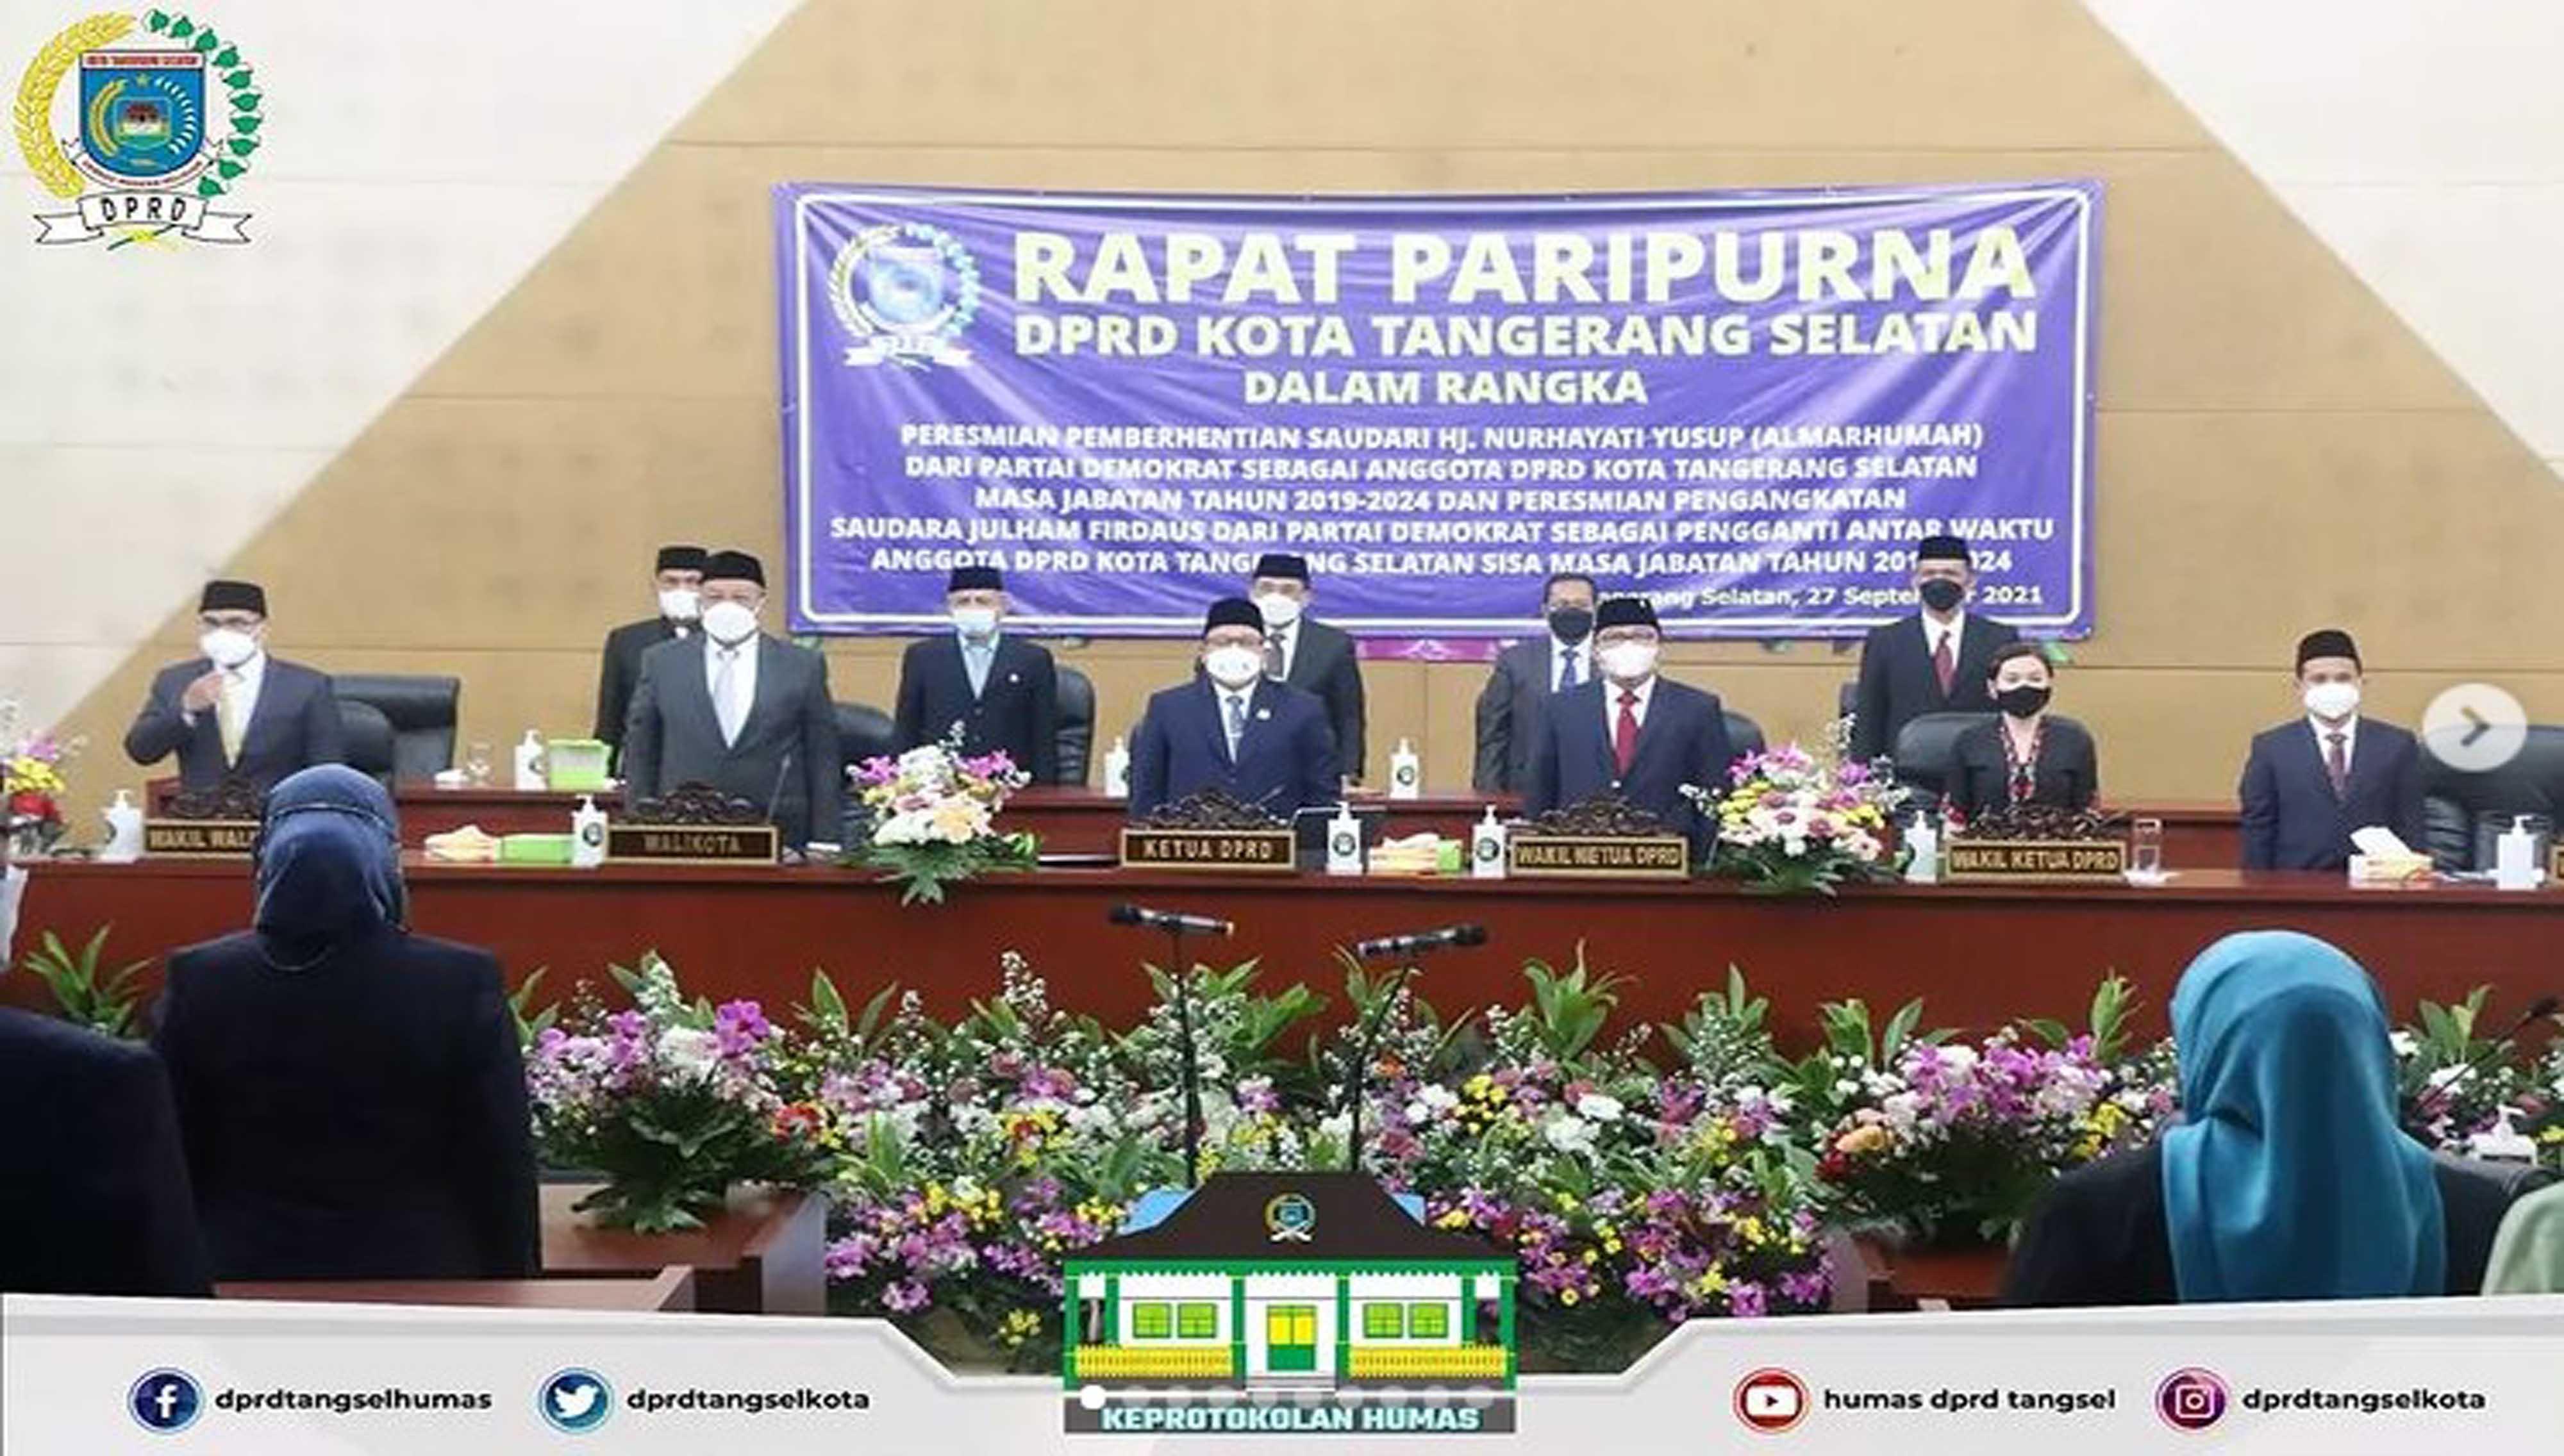 DPRD Kota Tangerang Selatan melaksanakan 3 Agenda Rapat Paripurna